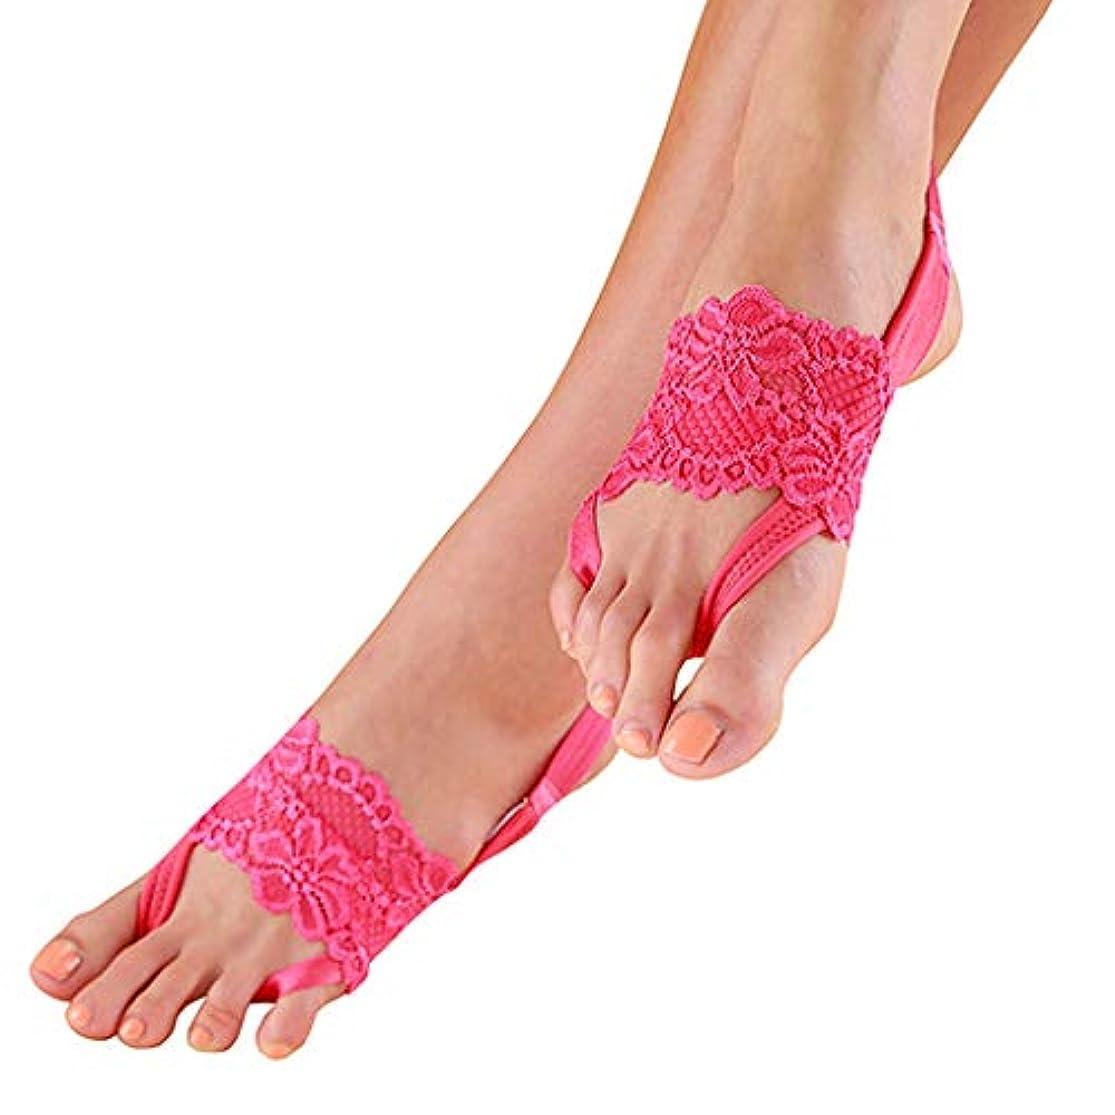 かんたんまた極地累計20万足売れています 足が疲れにくい アシピタ 【 ピンク Mサイズ ソックス 】むくみ 冷え 美脚 美姿勢をサポート 23.5-25cm